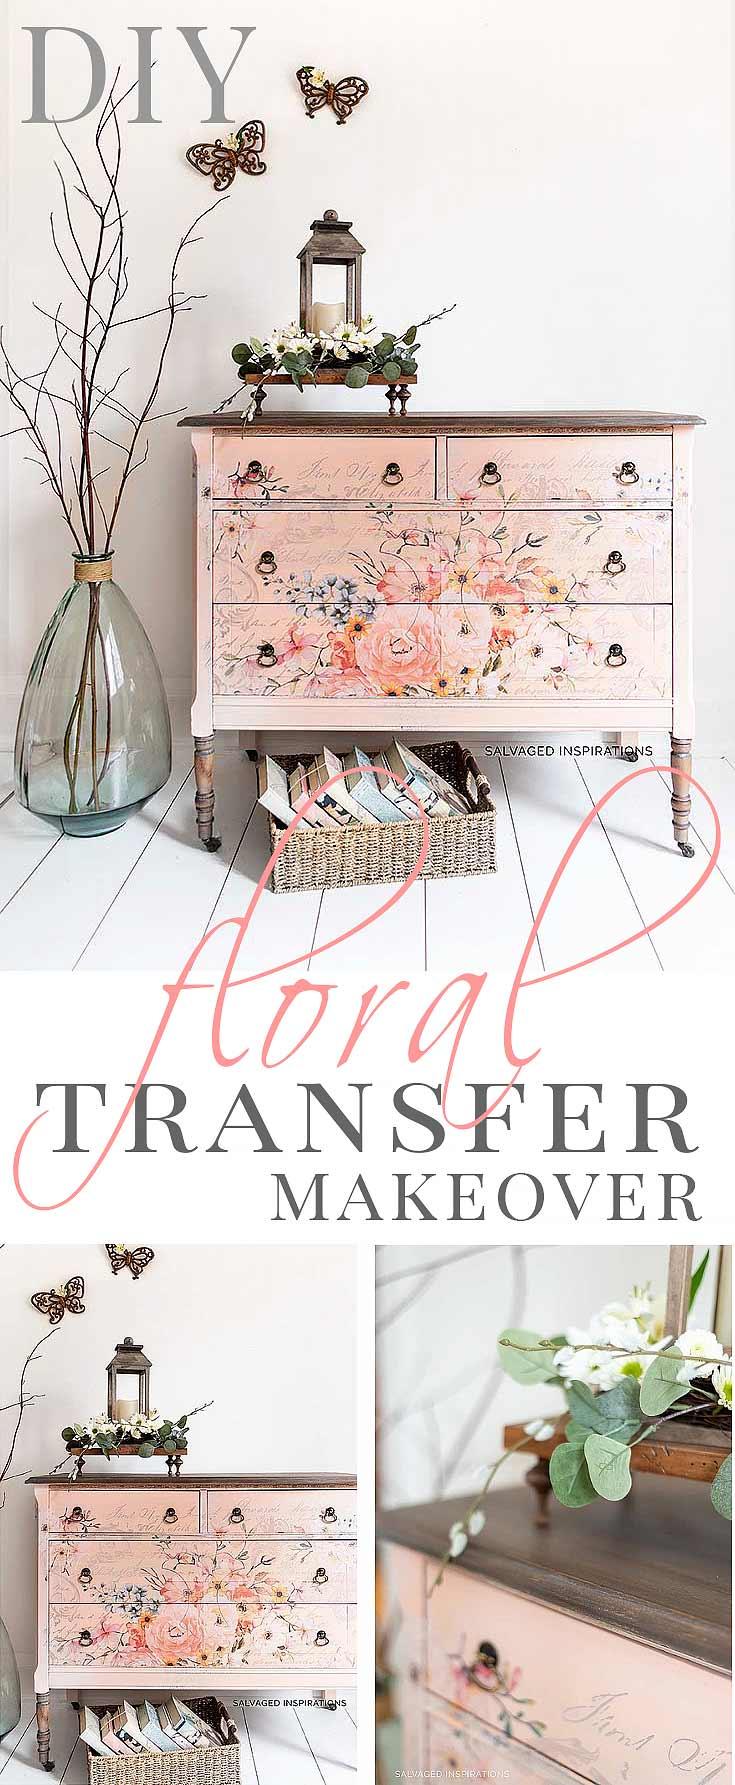 DIY Floral Transfer Makeover